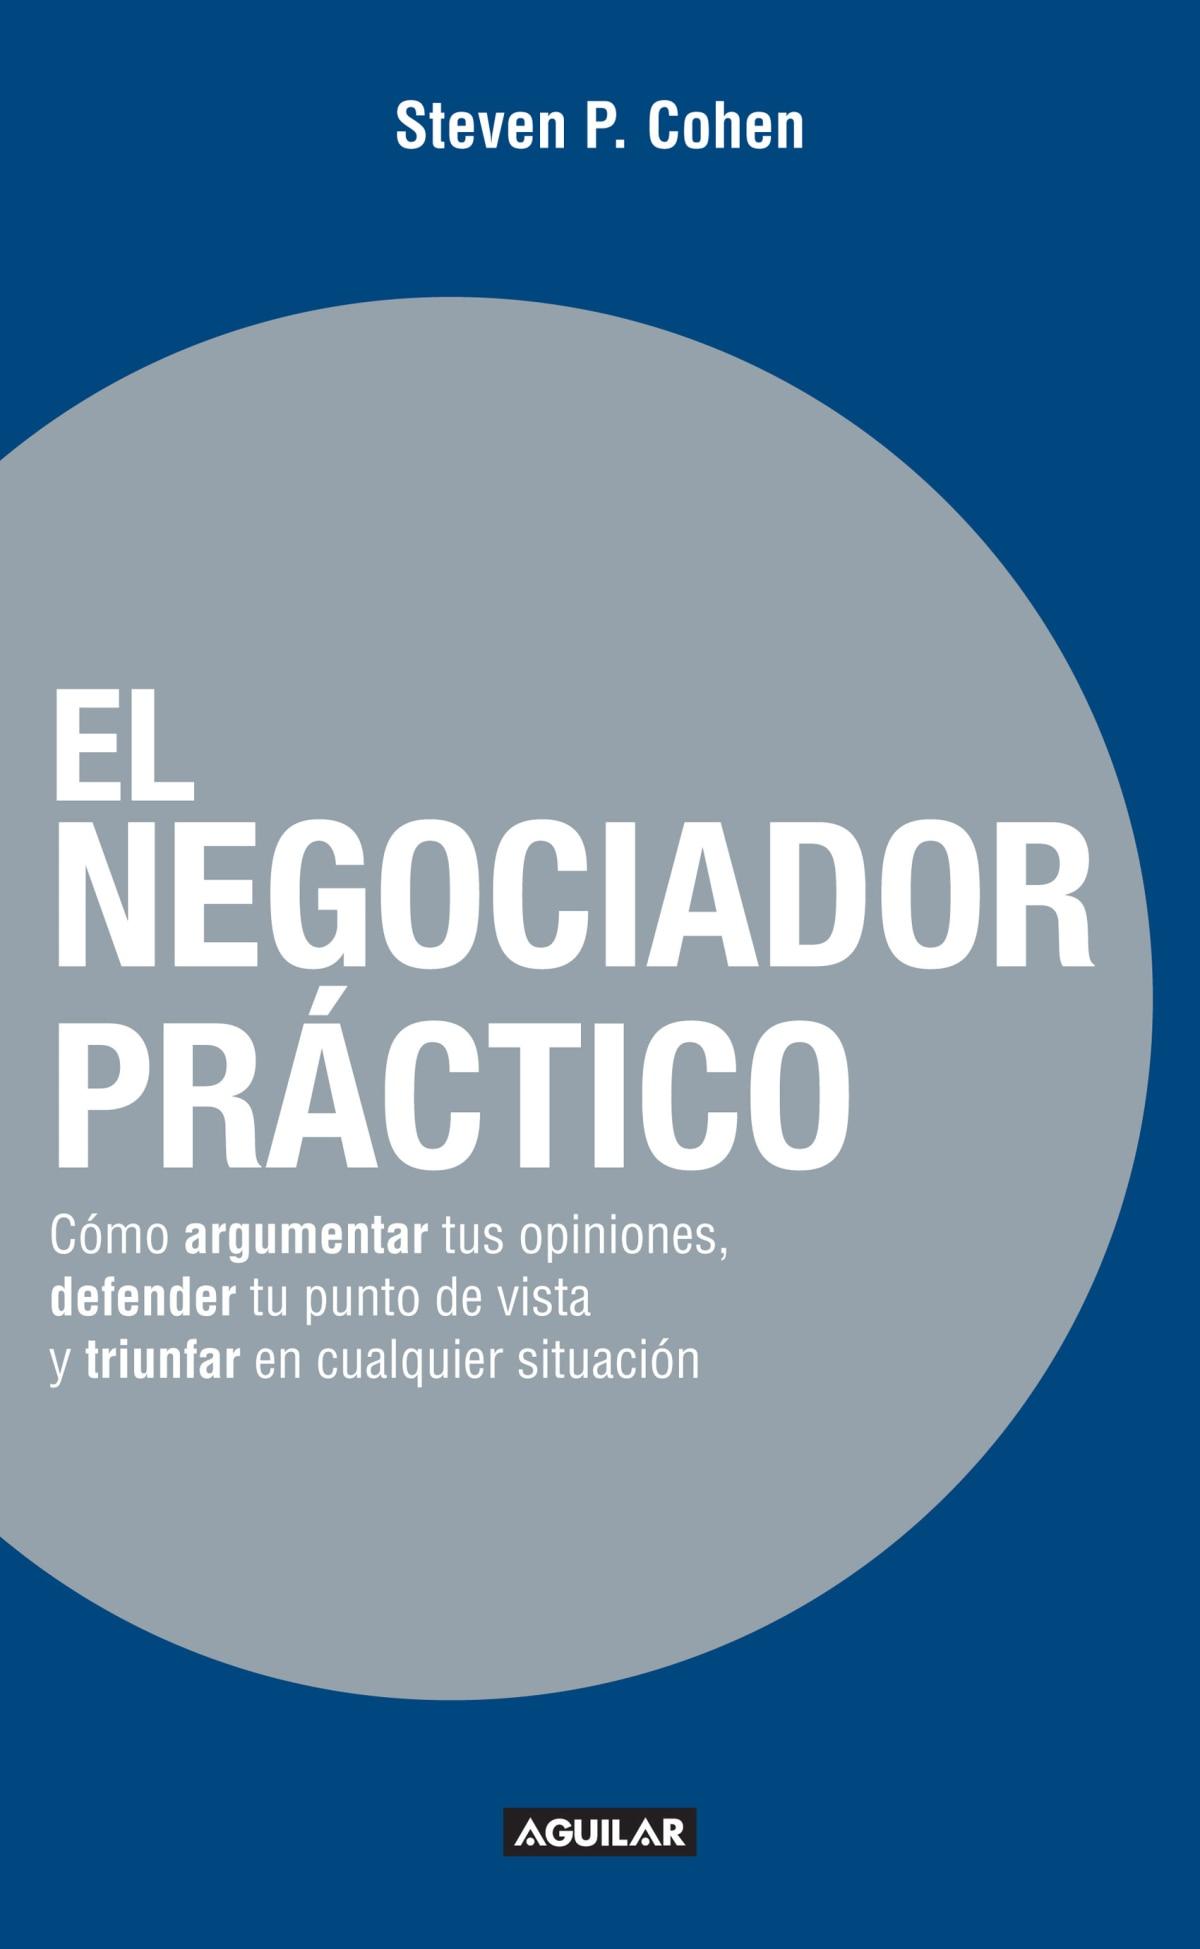 El negociador práctico